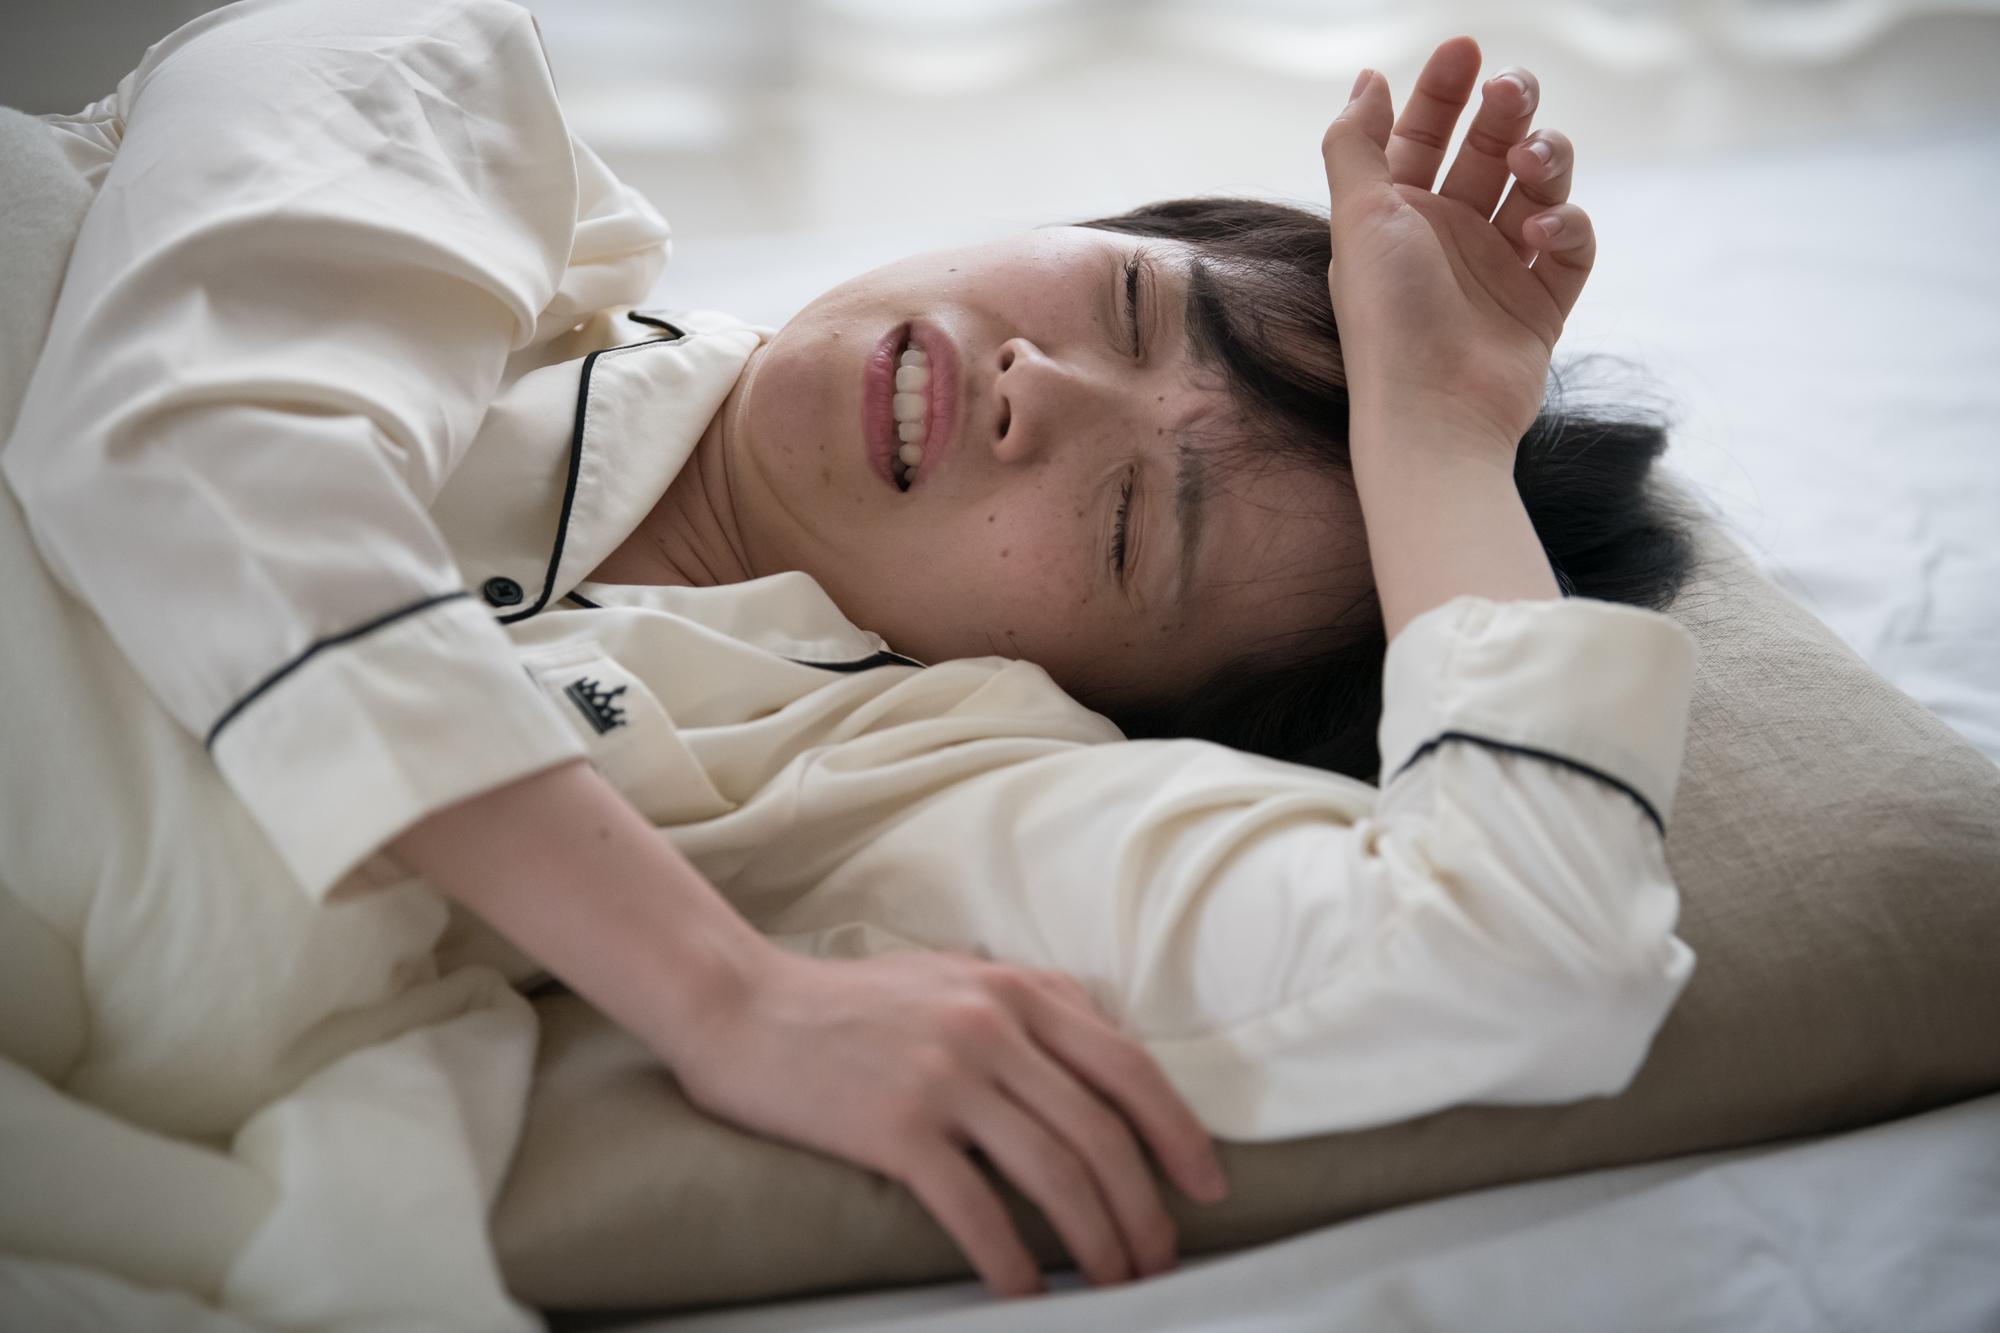 汗でパジャマがぐっしょり…! ひどい「寝汗」の原因と対策